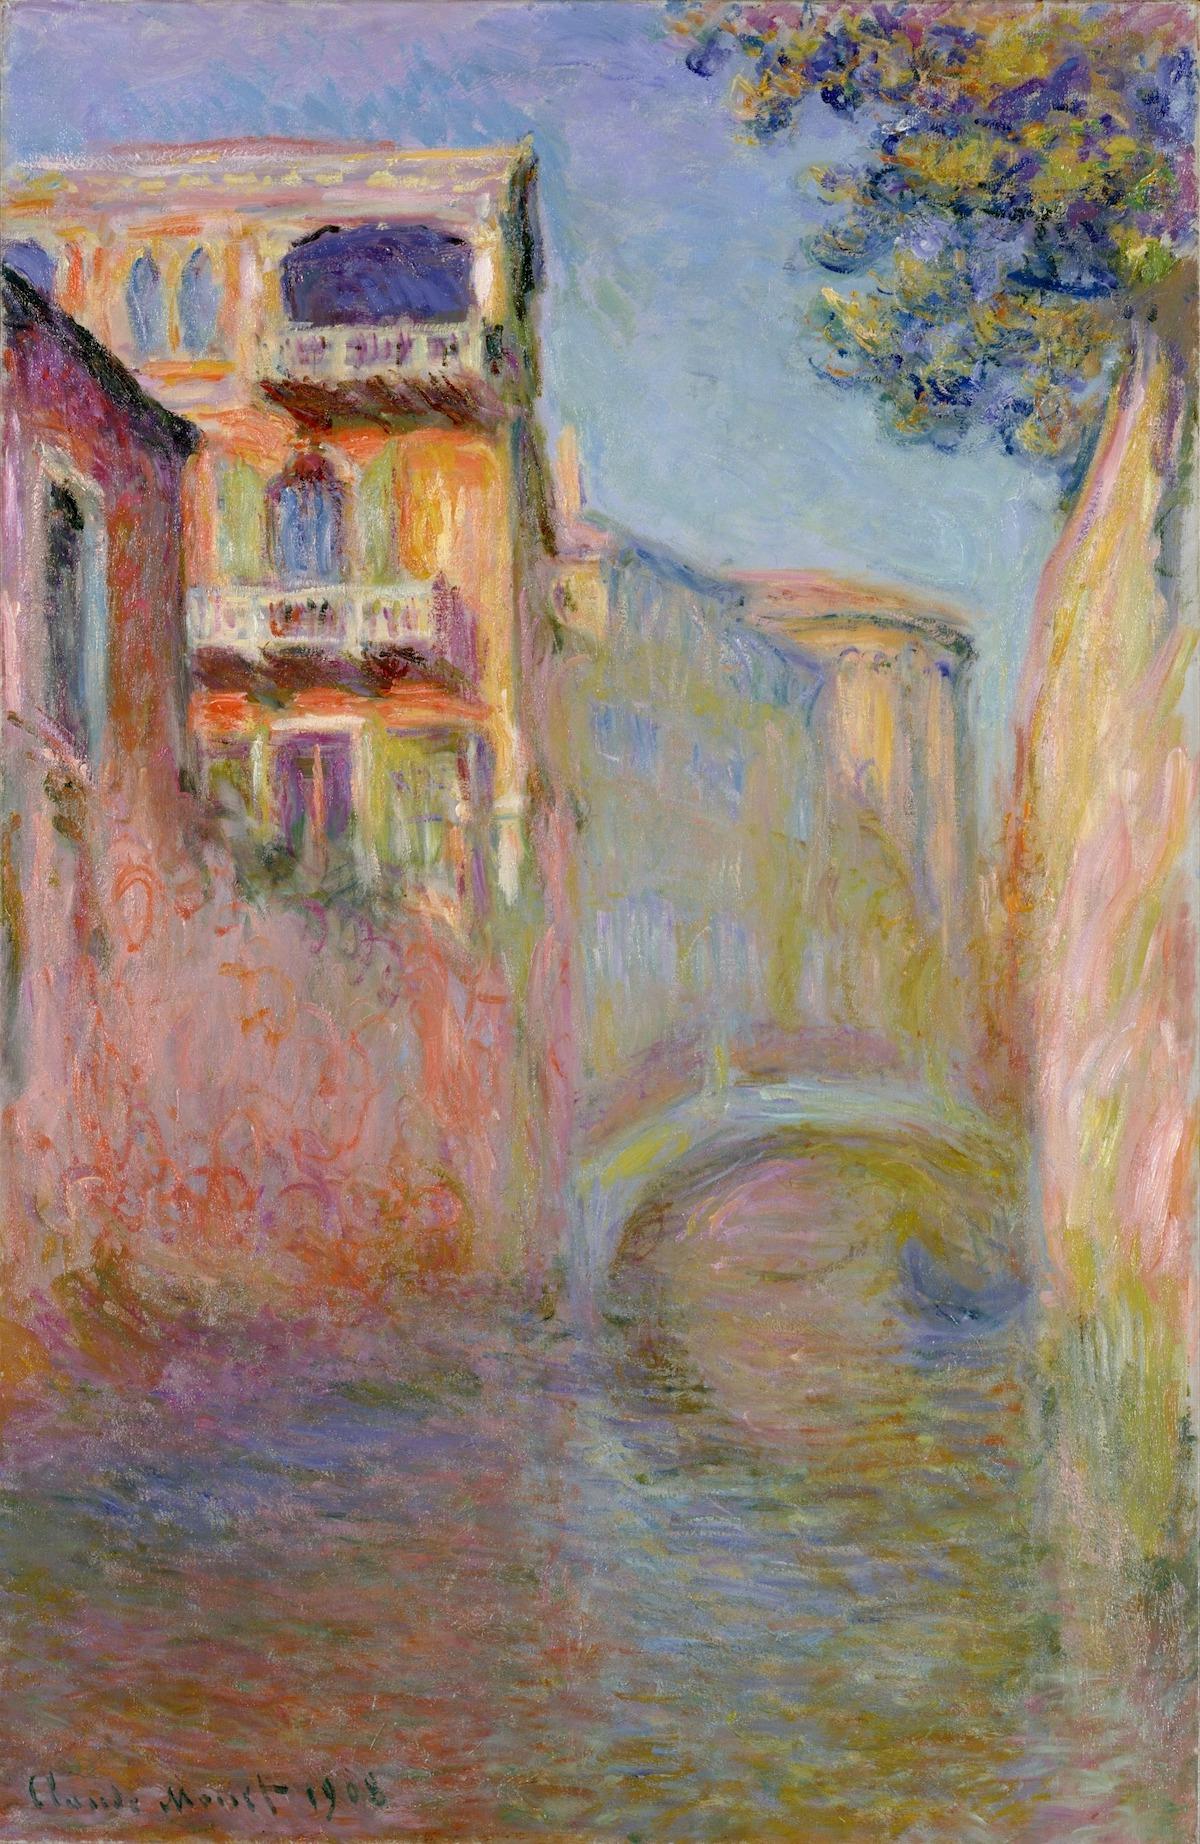 クロード・モネ 《サルーテ運河》 1908年 ポーラ美術館